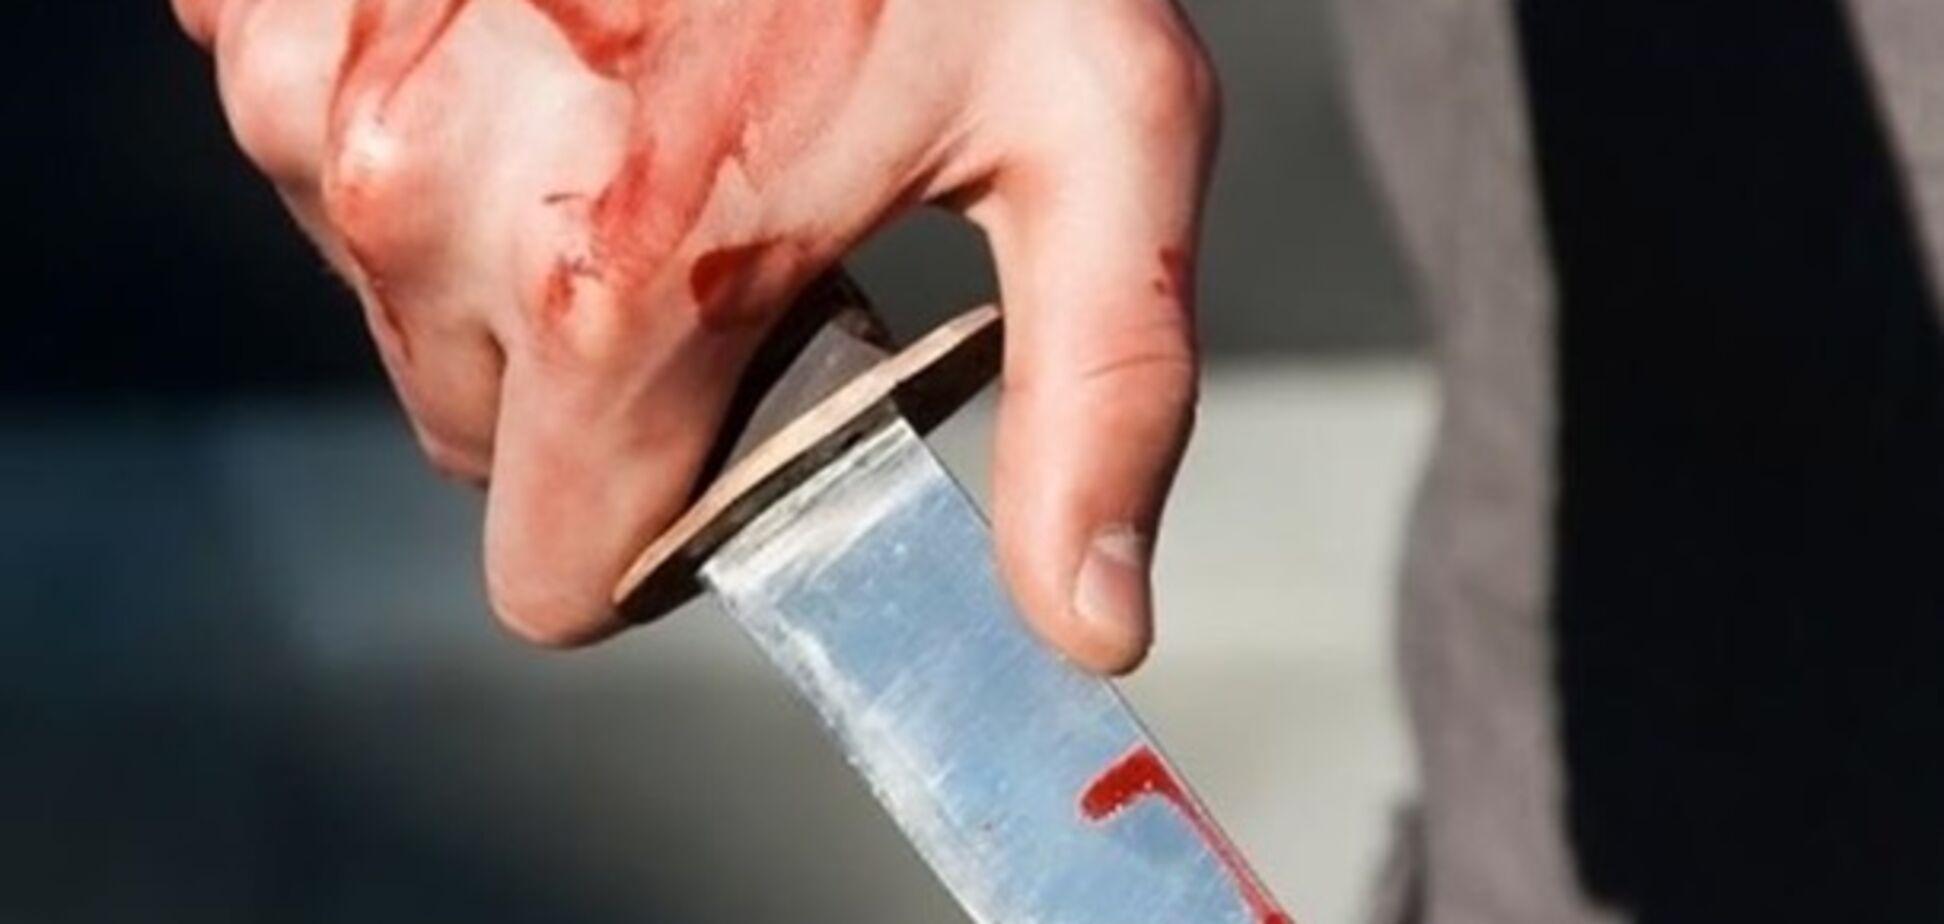 Голова лежала на трасі: стало відомо про жахливий інцидент під Миколаєвом